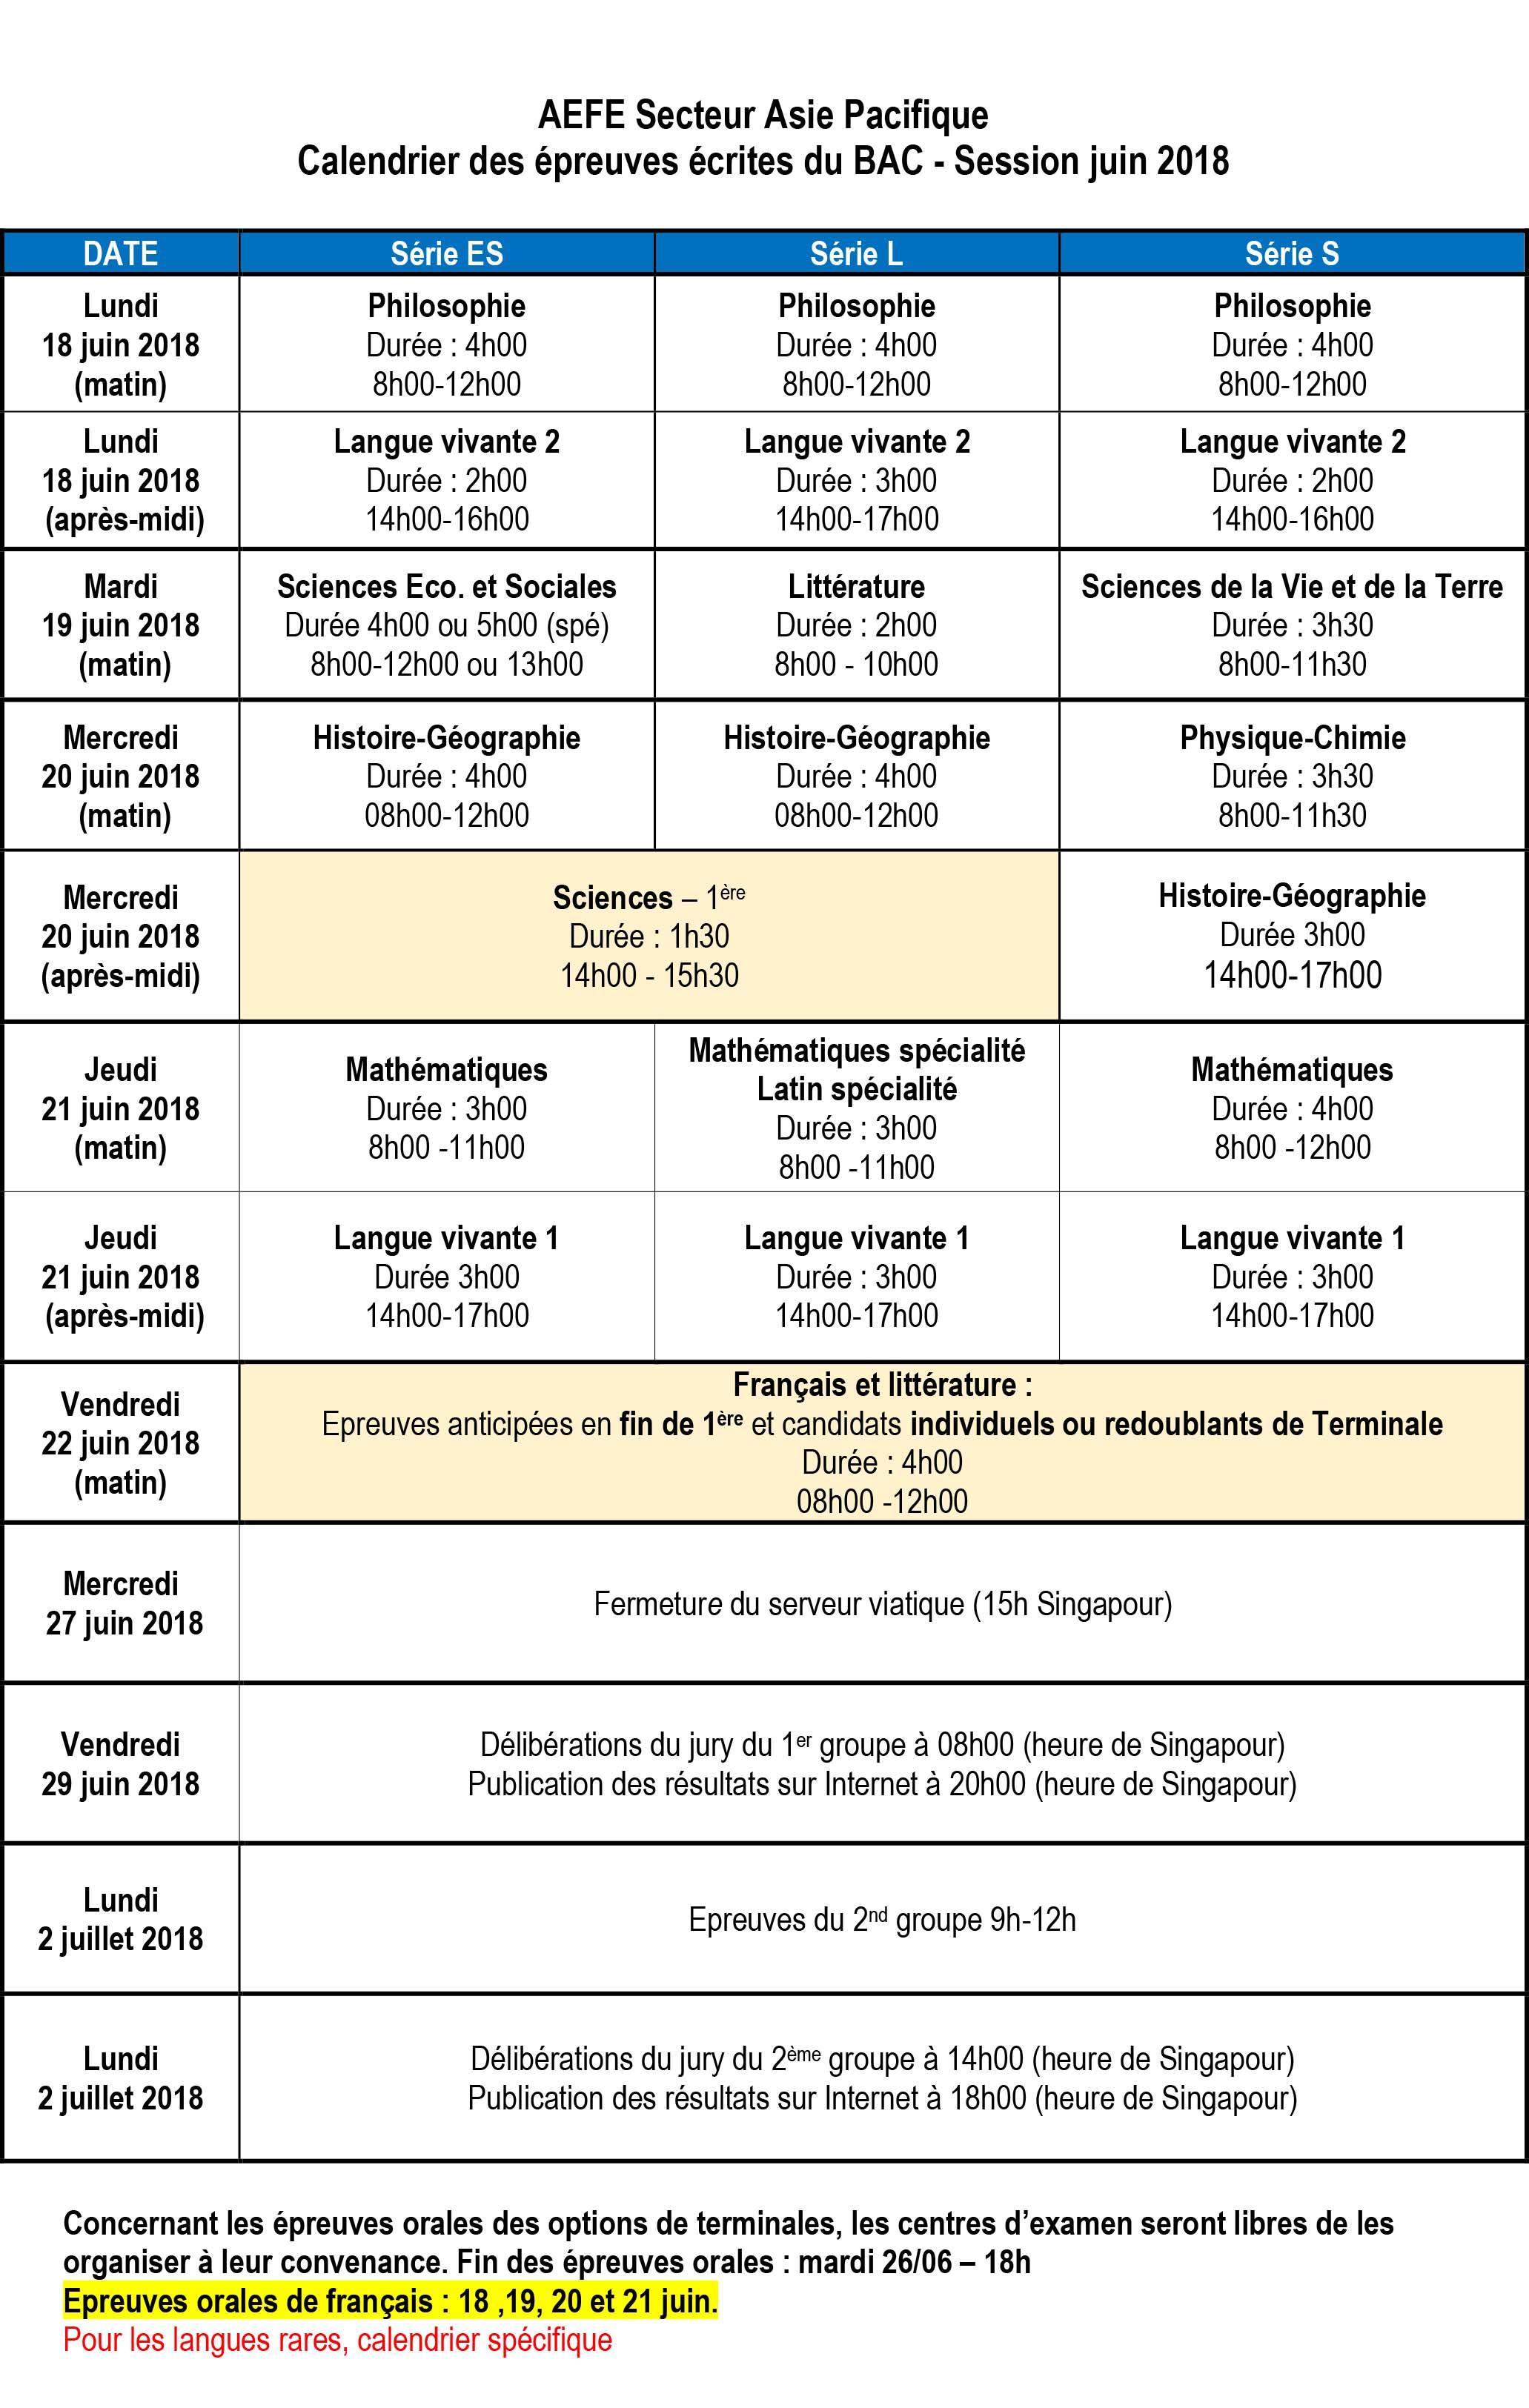 Calendrier Epreuve Bac 2019.Calendrier Des Epreuves Ecrites Du Bac Lycee Francais De